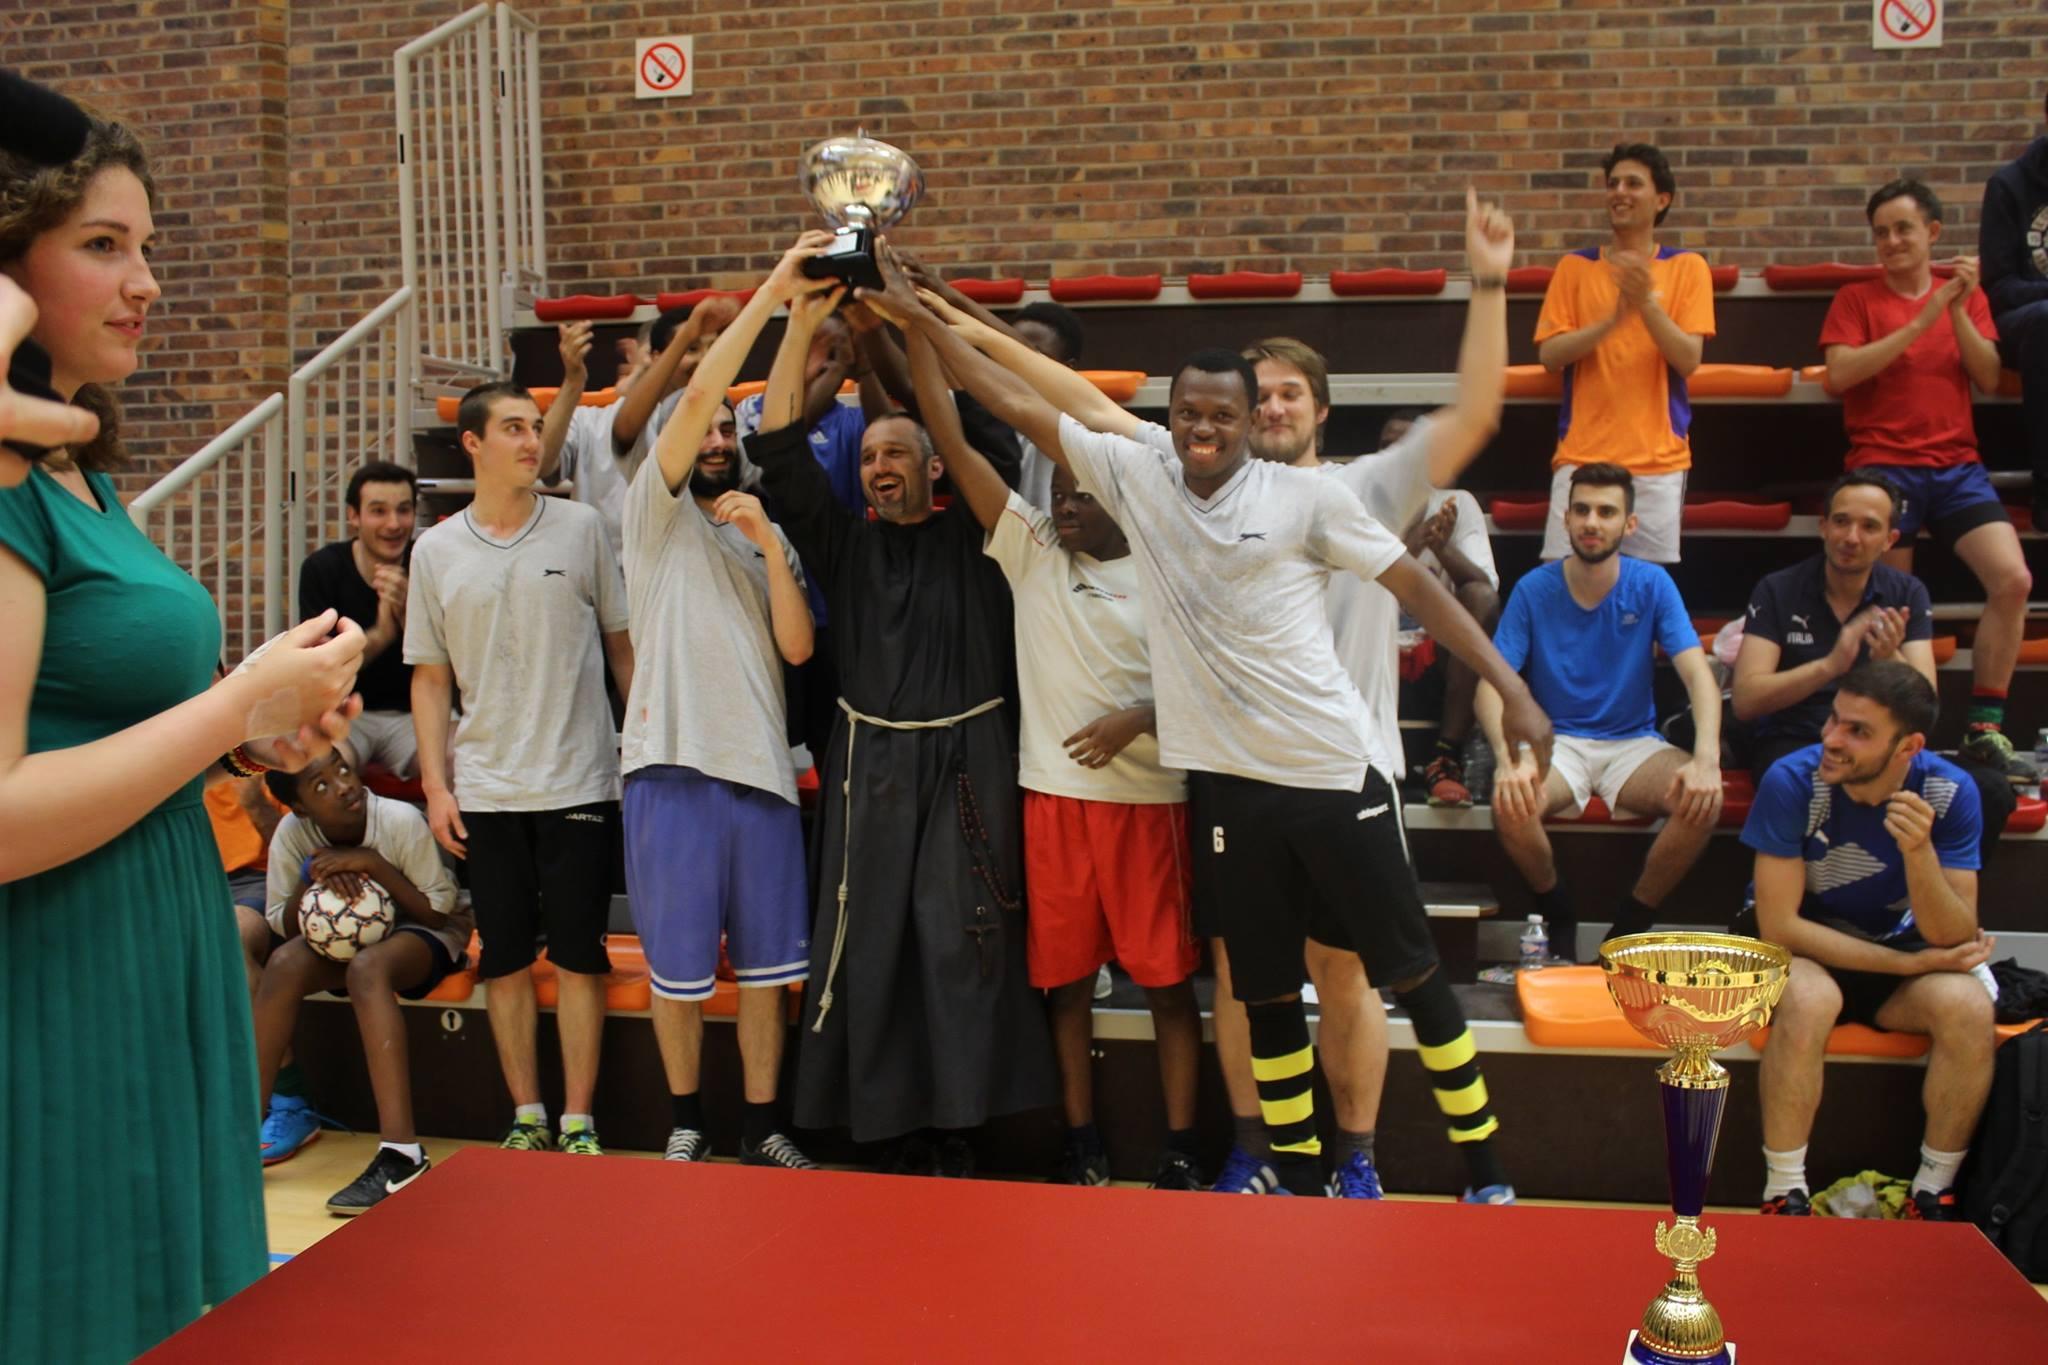 Équipe vainqueurs qui soulève la coupe